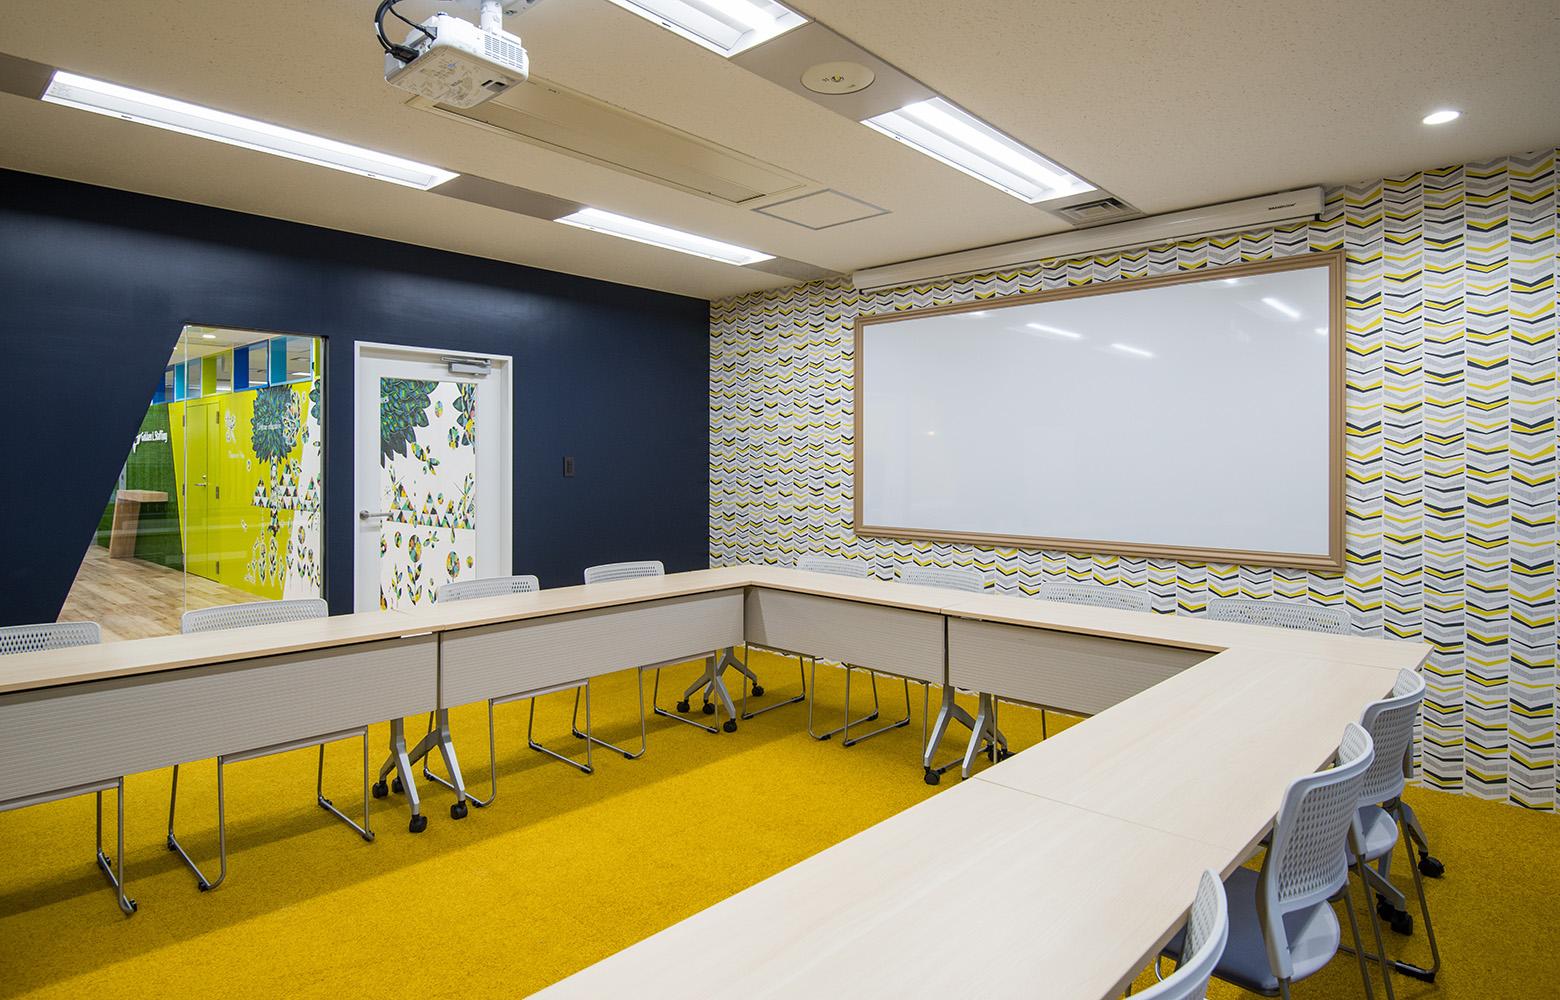 株式会社学研エル・スタッフィング Meeting Room デザイン・レイアウト事例